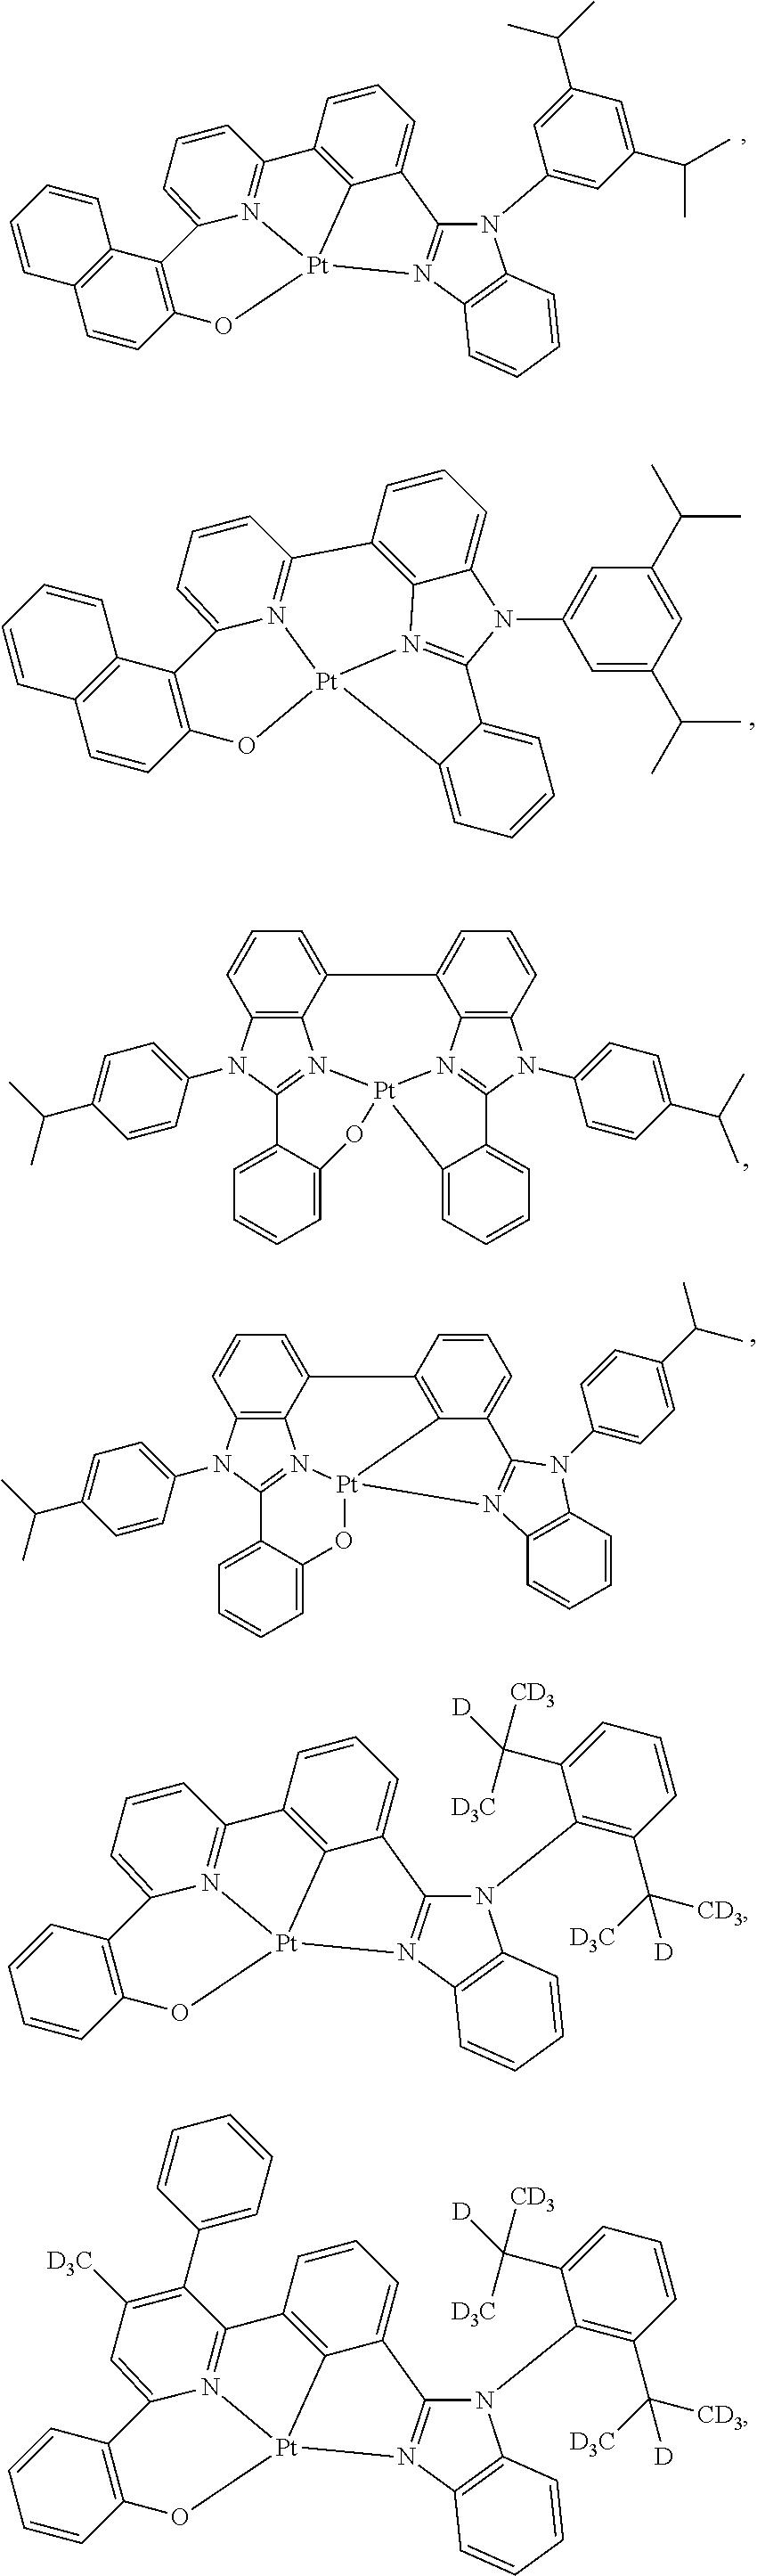 Figure US10144867-20181204-C00155